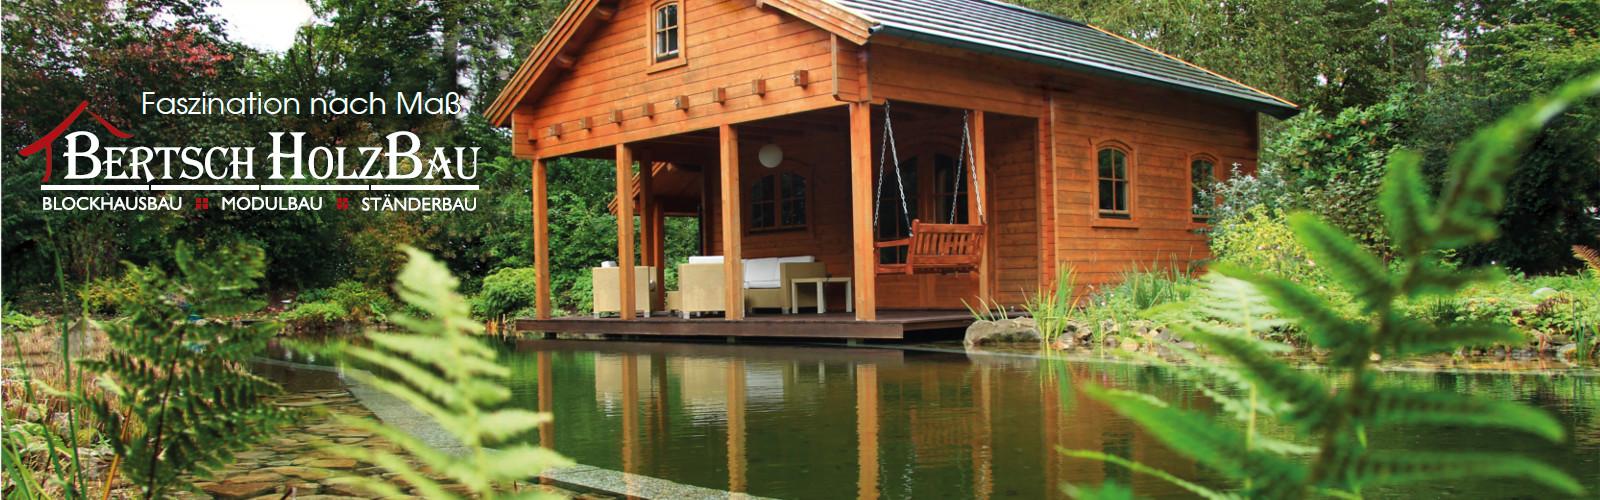 Bertsch Holzbau: Ihre persönliche Gartenhaus-Idee im Fokus